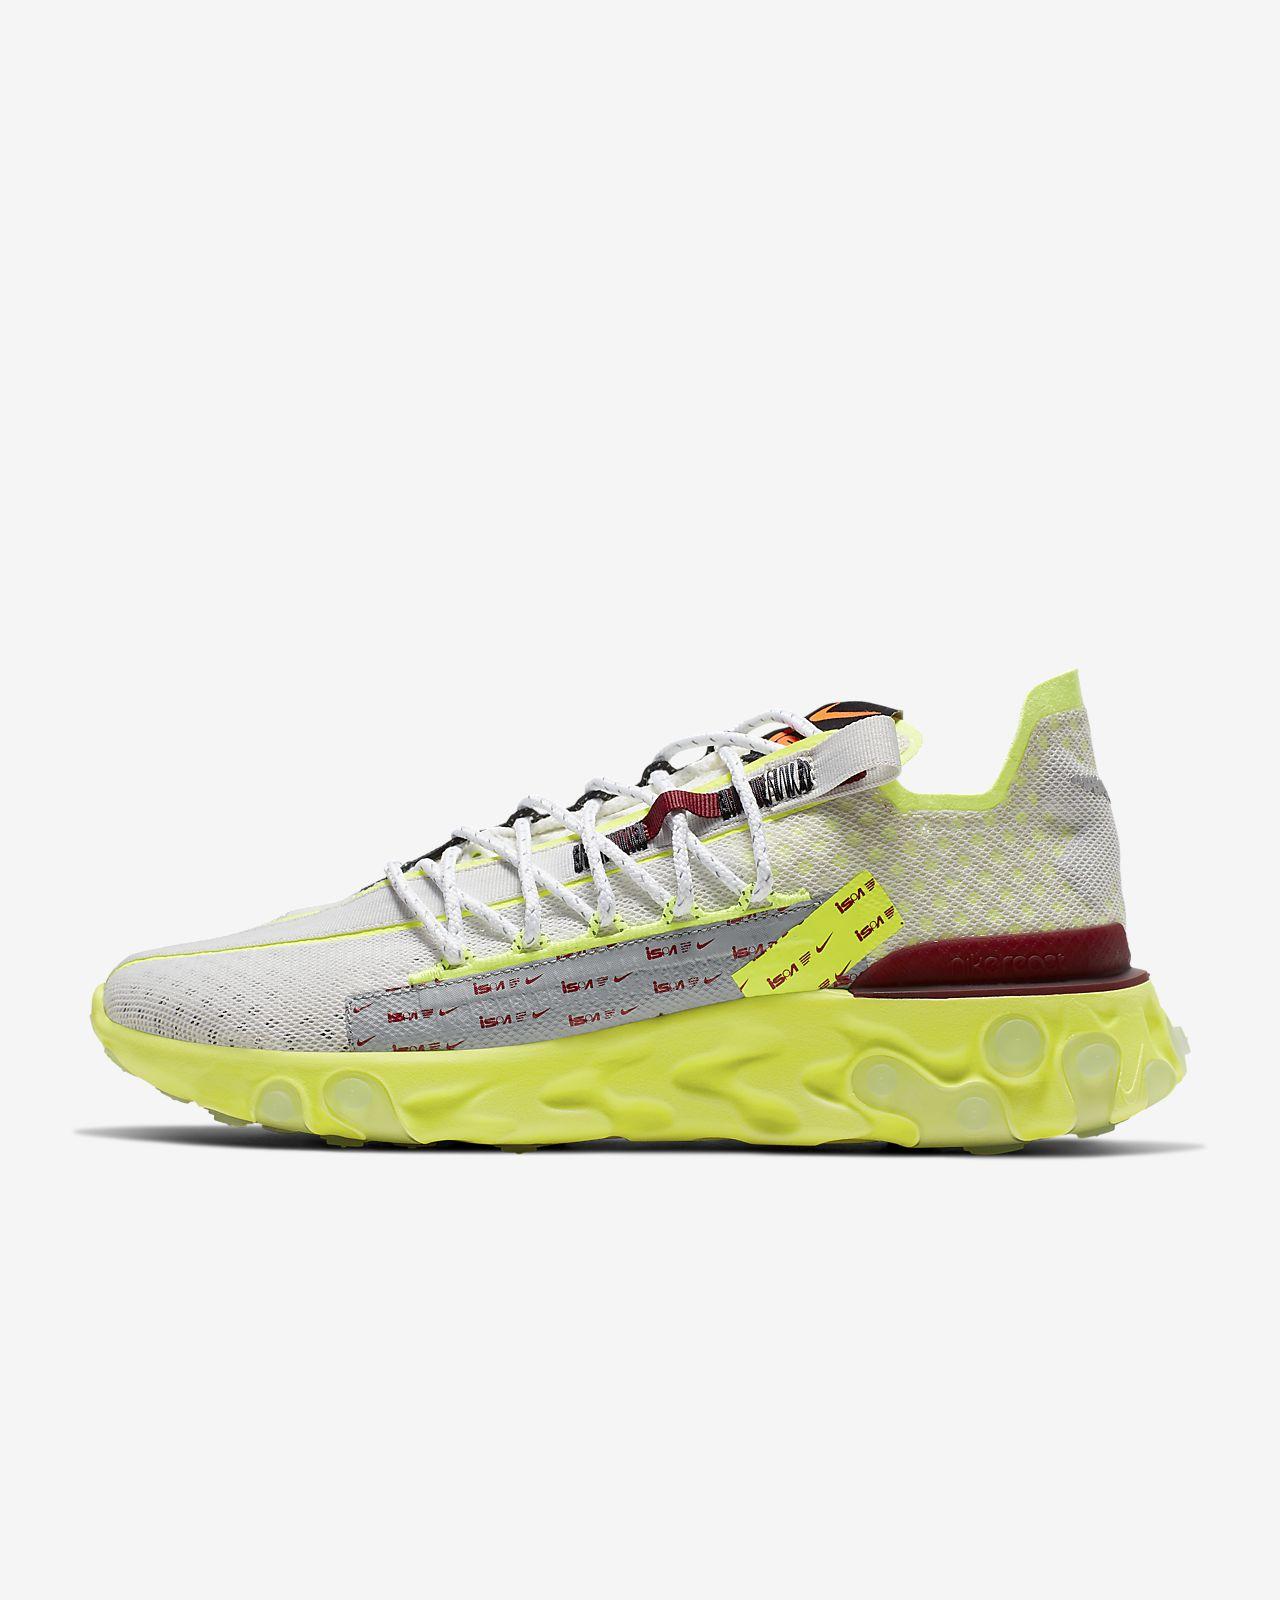 รองเท้าผู้ชาย Nike ISPA React